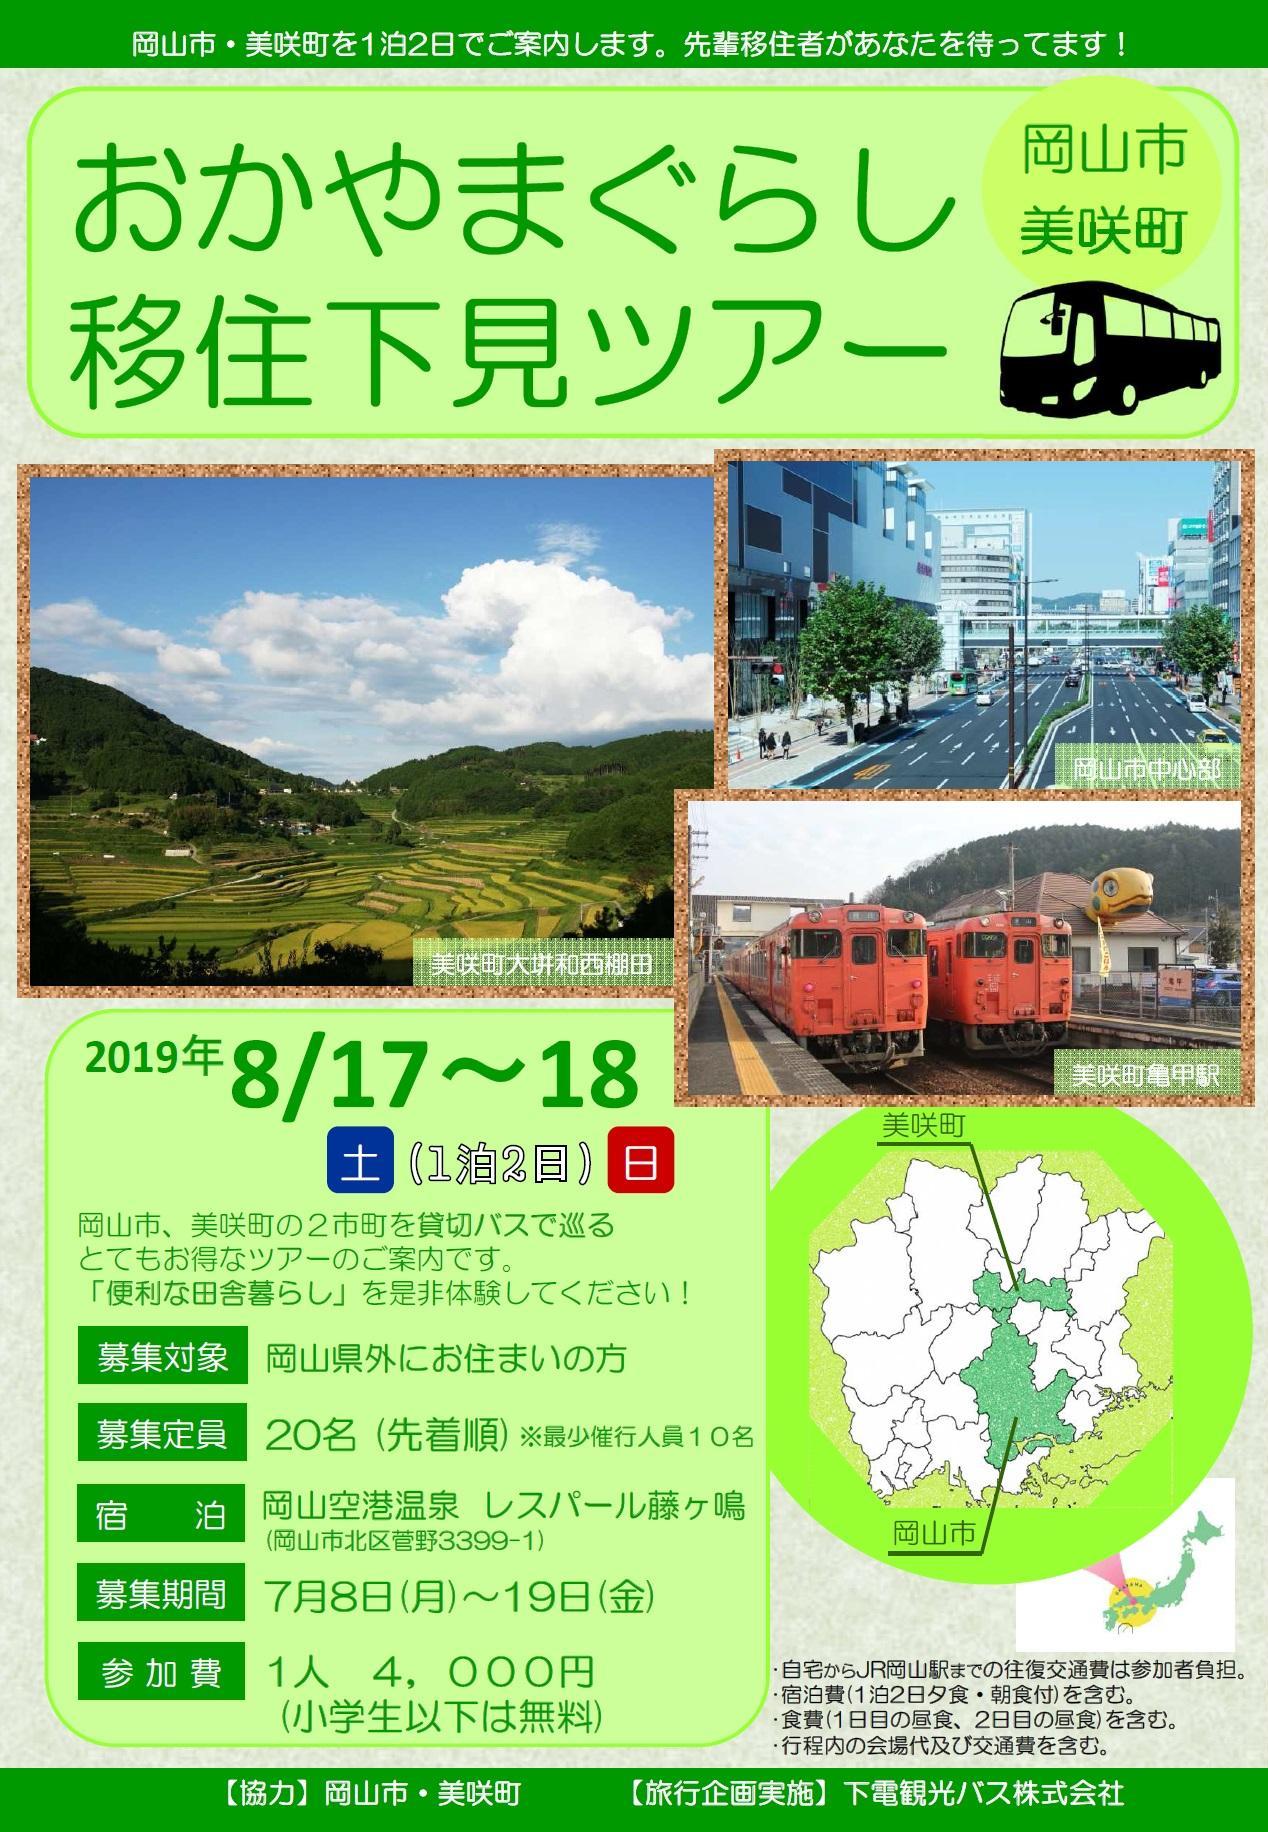 https://www.okayama-iju.jp/municipality/01okayama/8%E6%9C%88%E3%83%84%E3%82%A2%E3%83%BC%E3%83%81%E3%83%A9%E3%82%B7%28%E8%A1%A8%E9%9D%A2%29.jpg